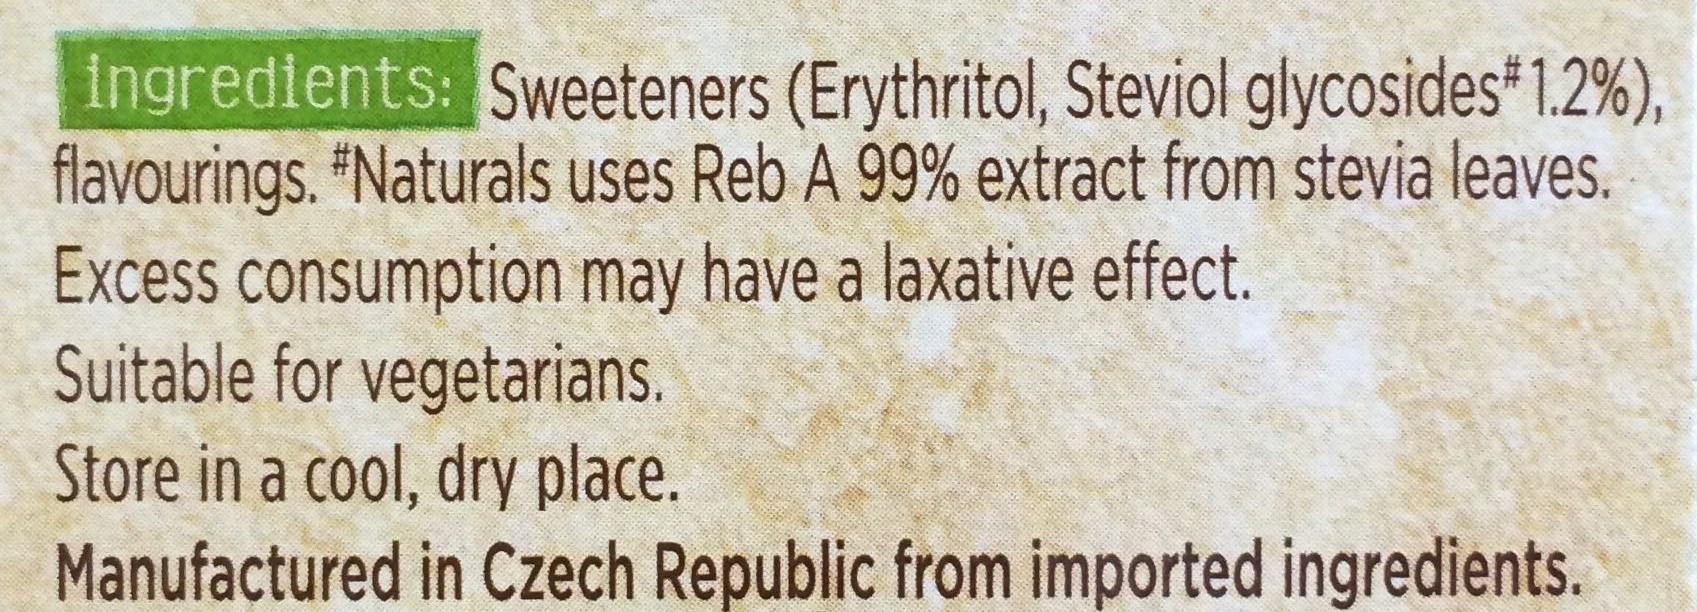 100% natural sweetener with stevia - Ingredients - en